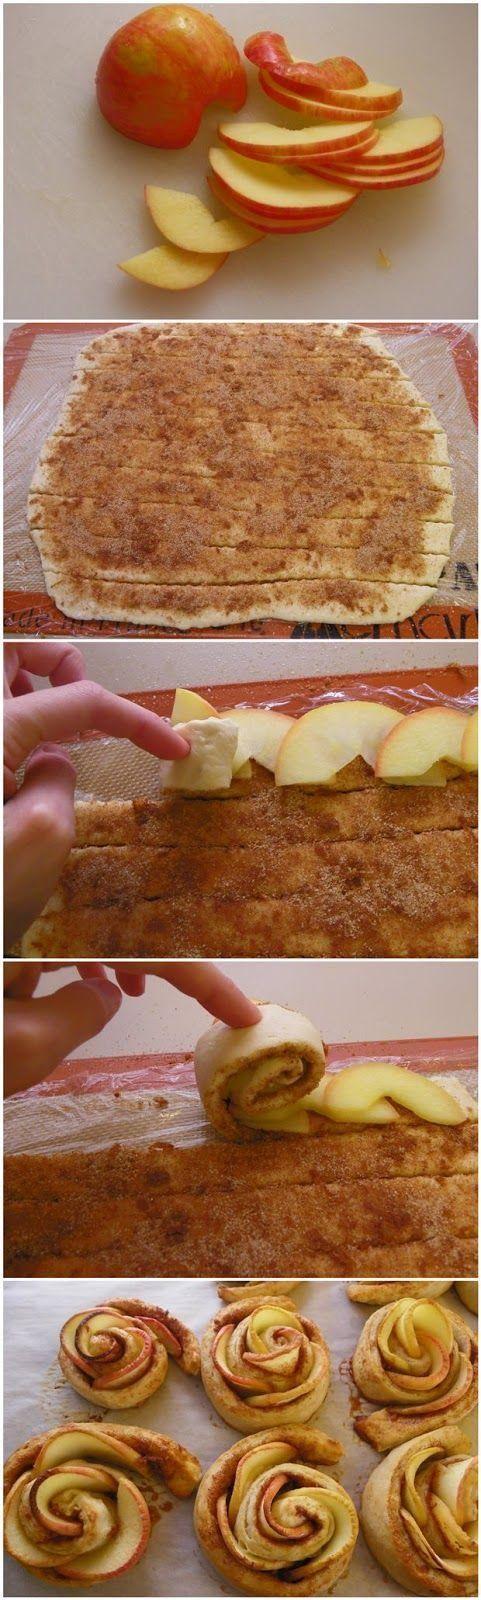 #Ideas #Apples #Puff #Roses #Baking #Идеи #Яблоки #Слойки #Розочки #Выпечка